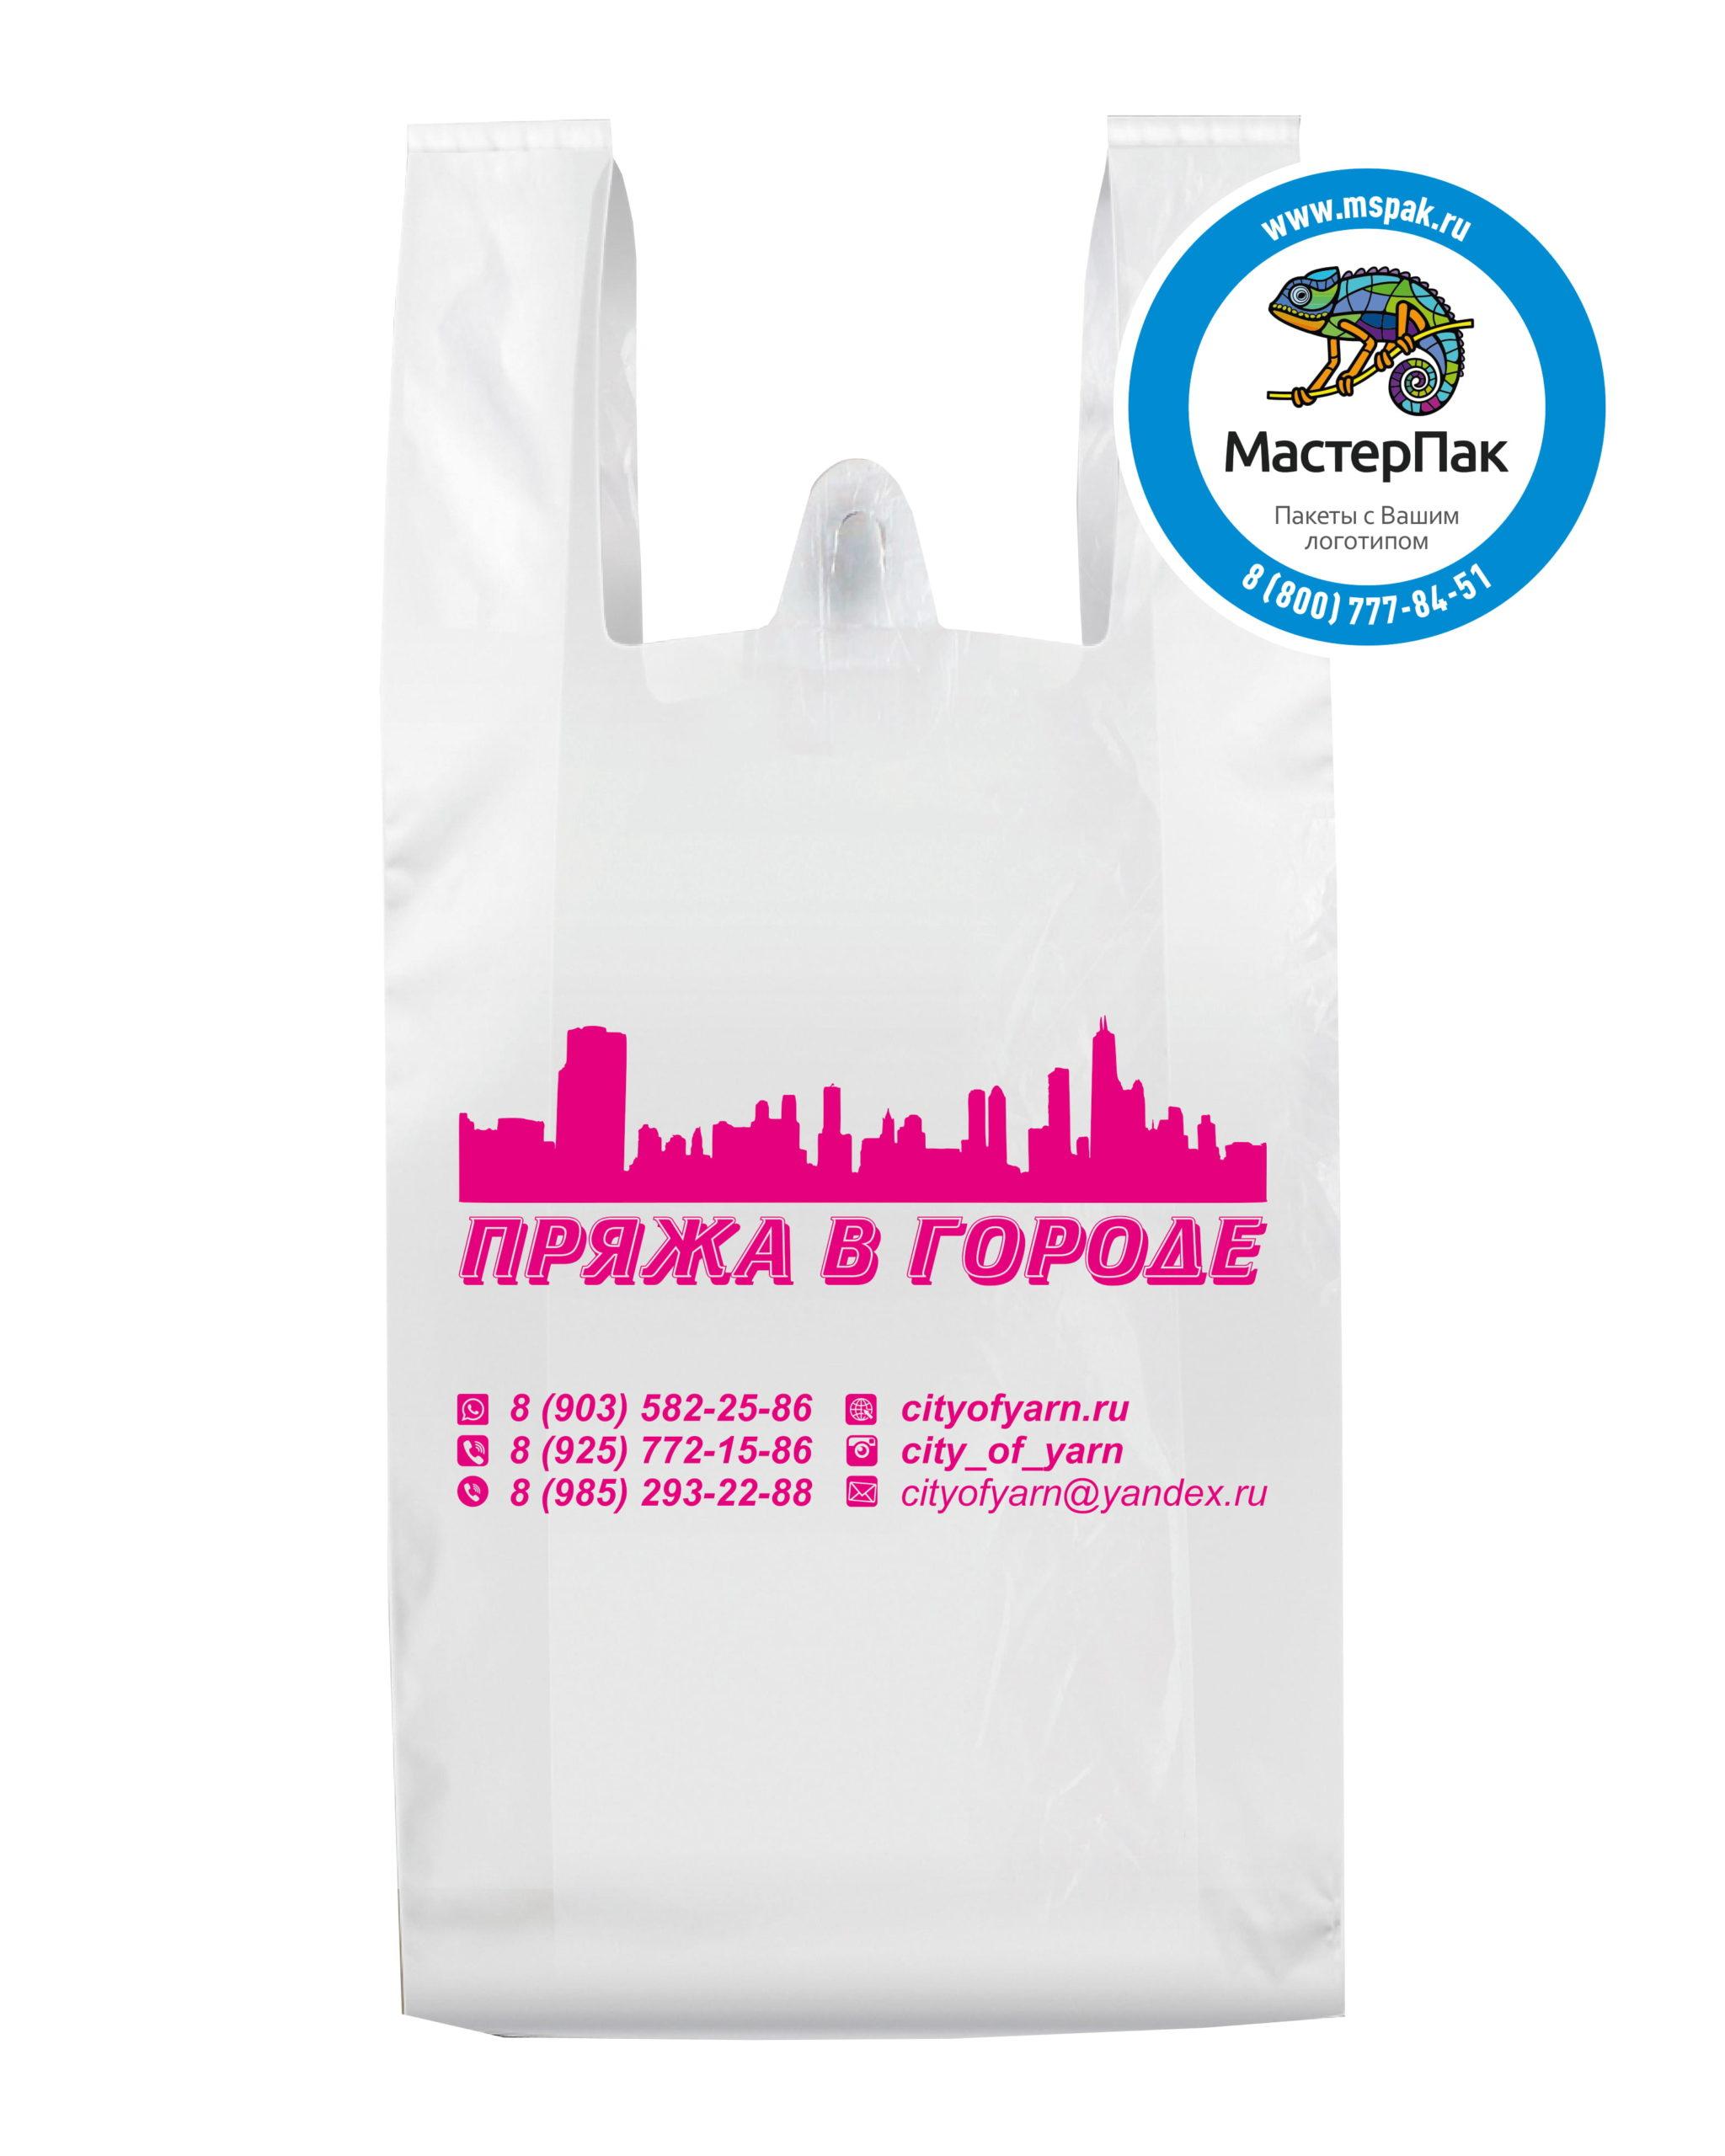 """Пакет-майка ПНД с логотипом """"Пряжа в городе"""" (флексопечать, 25 мкм, 40*60)"""